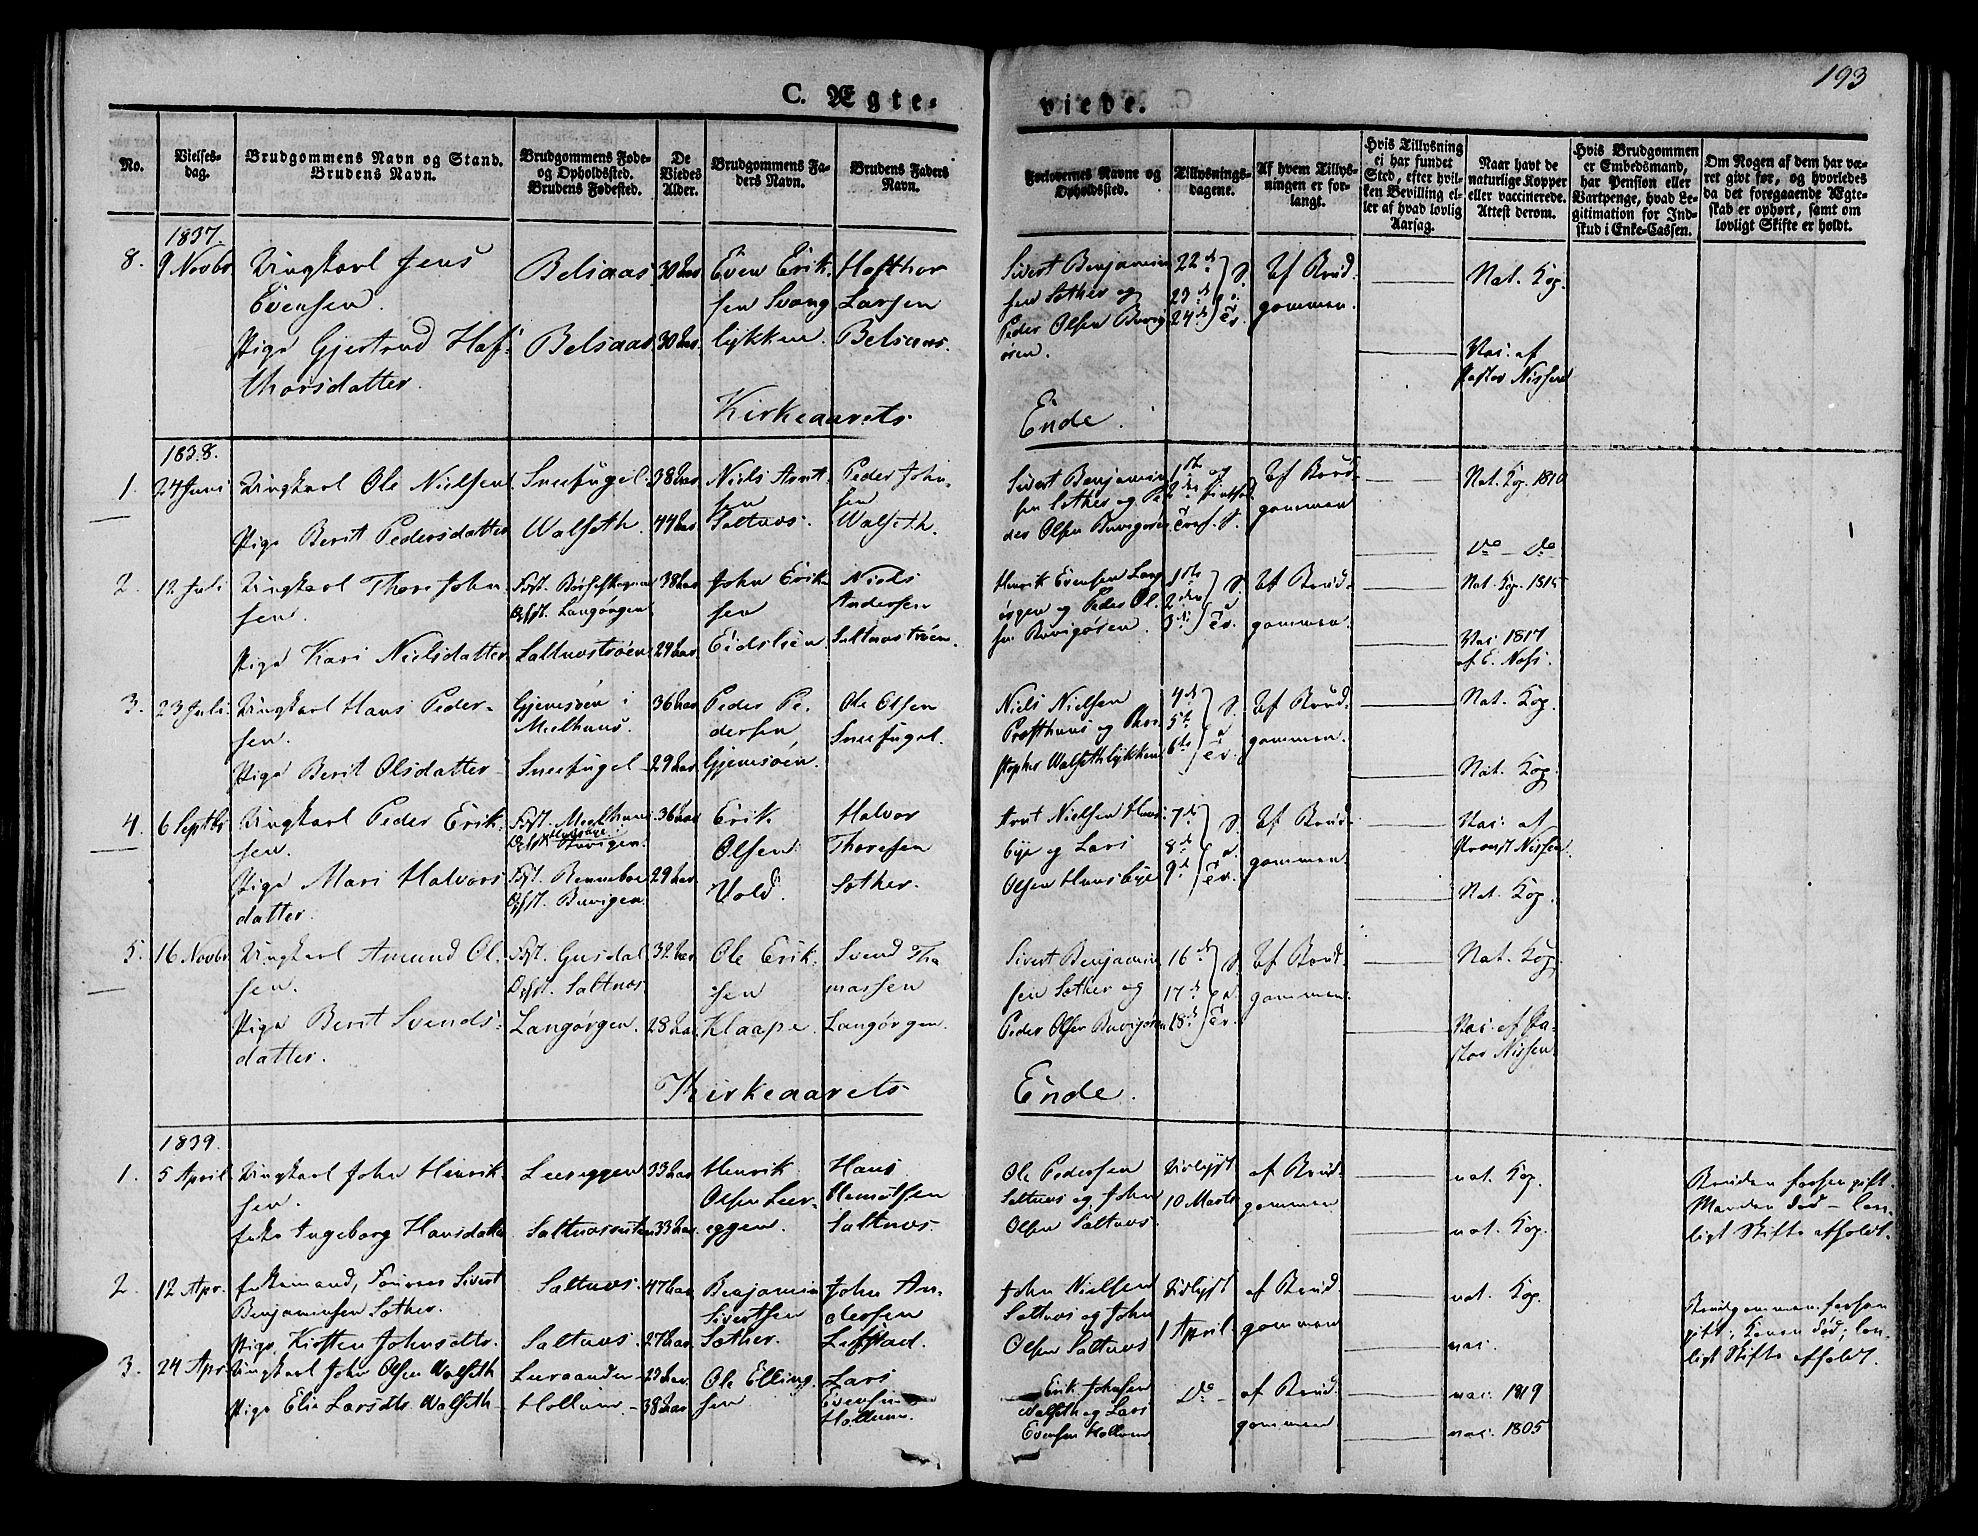 SAT, Ministerialprotokoller, klokkerbøker og fødselsregistre - Sør-Trøndelag, 612/L0375: Ministerialbok nr. 612A07 /2, 1829-1845, s. 193